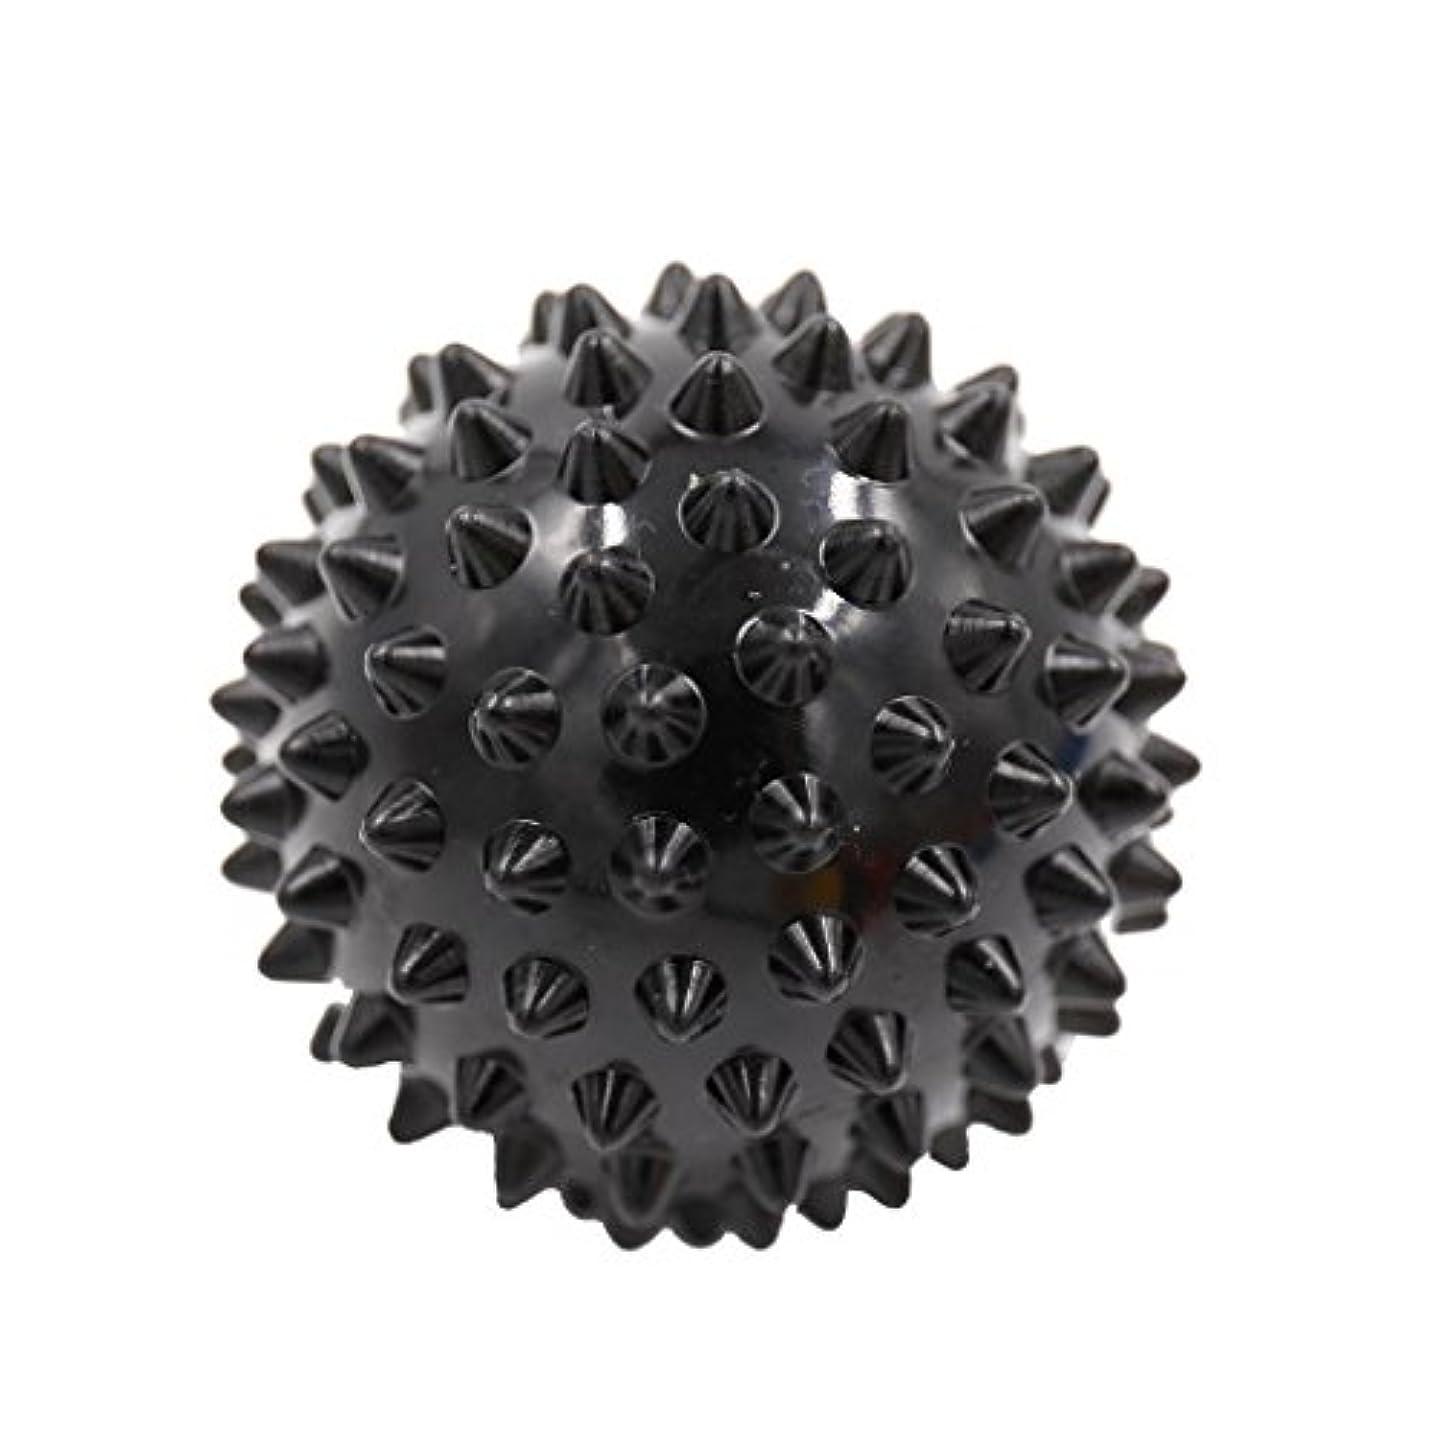 キャプチャー私たちのものどっちでもマッサージボール マッサージ器 ボディ スパイク マッサージ 刺激ボール 3色選べ - ブラック, 説明したように